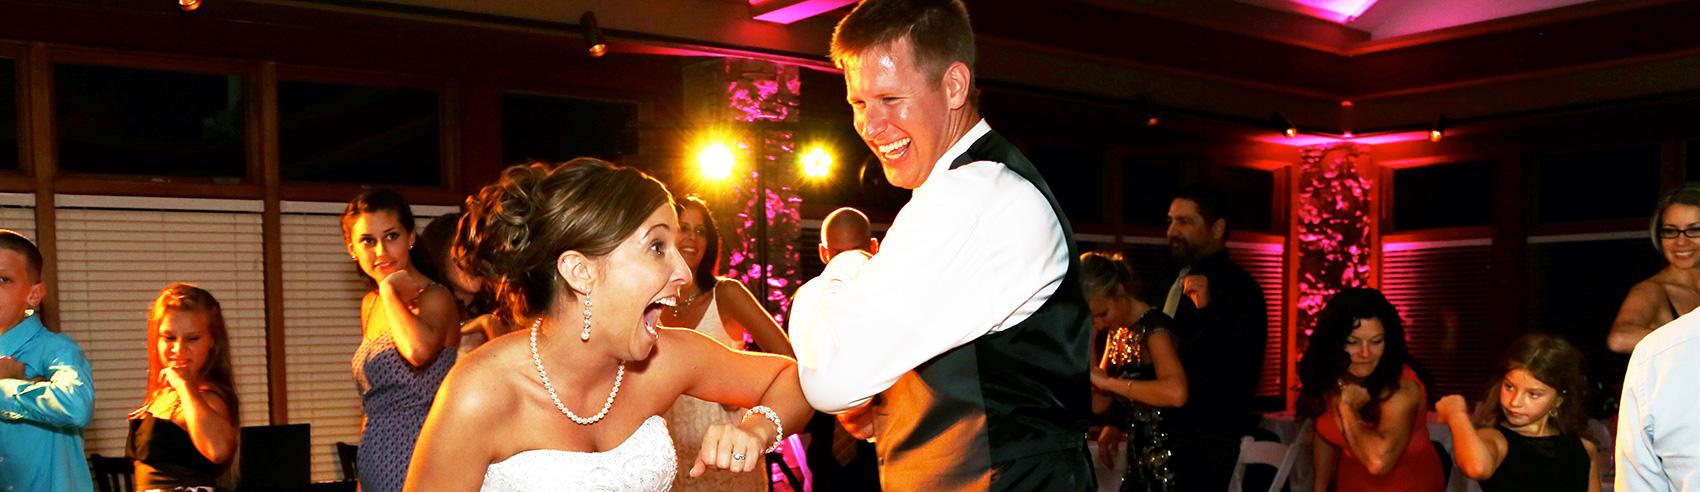 dancing-at-reception